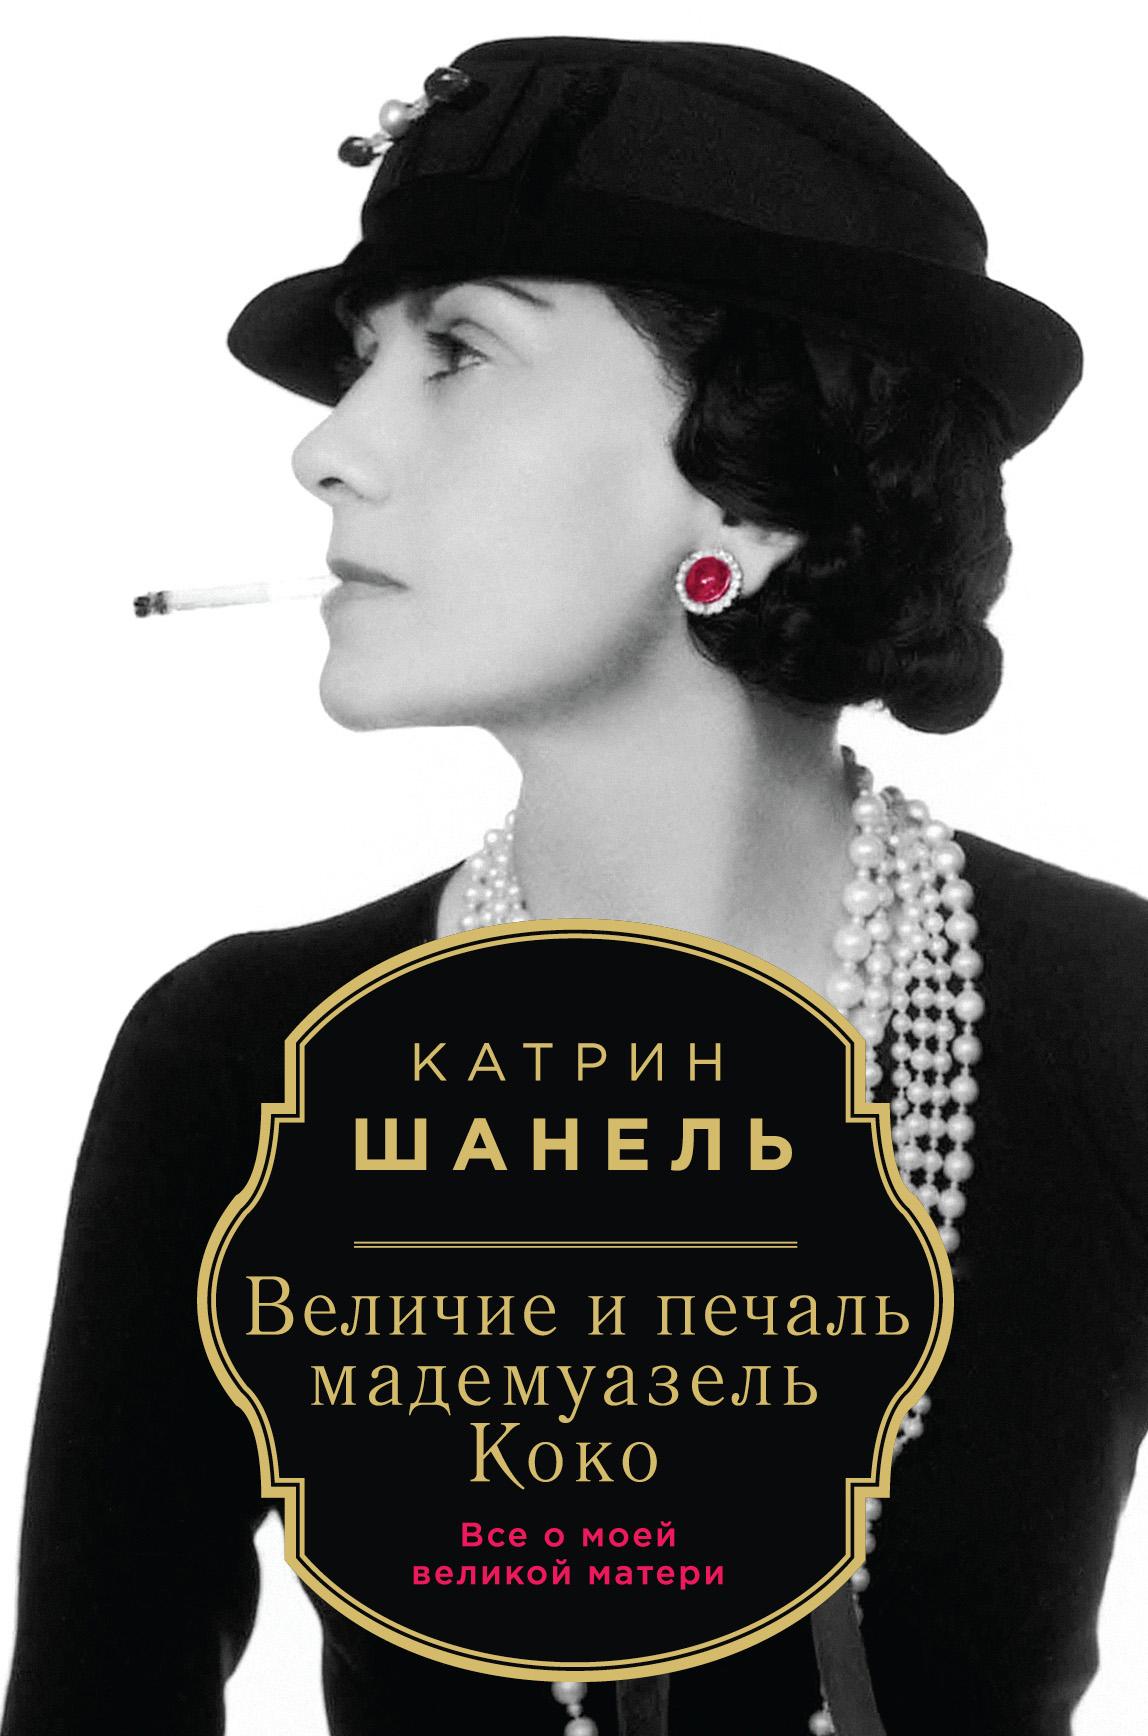 Катрин Шанель «Величие и печаль мадемуазель Коко»